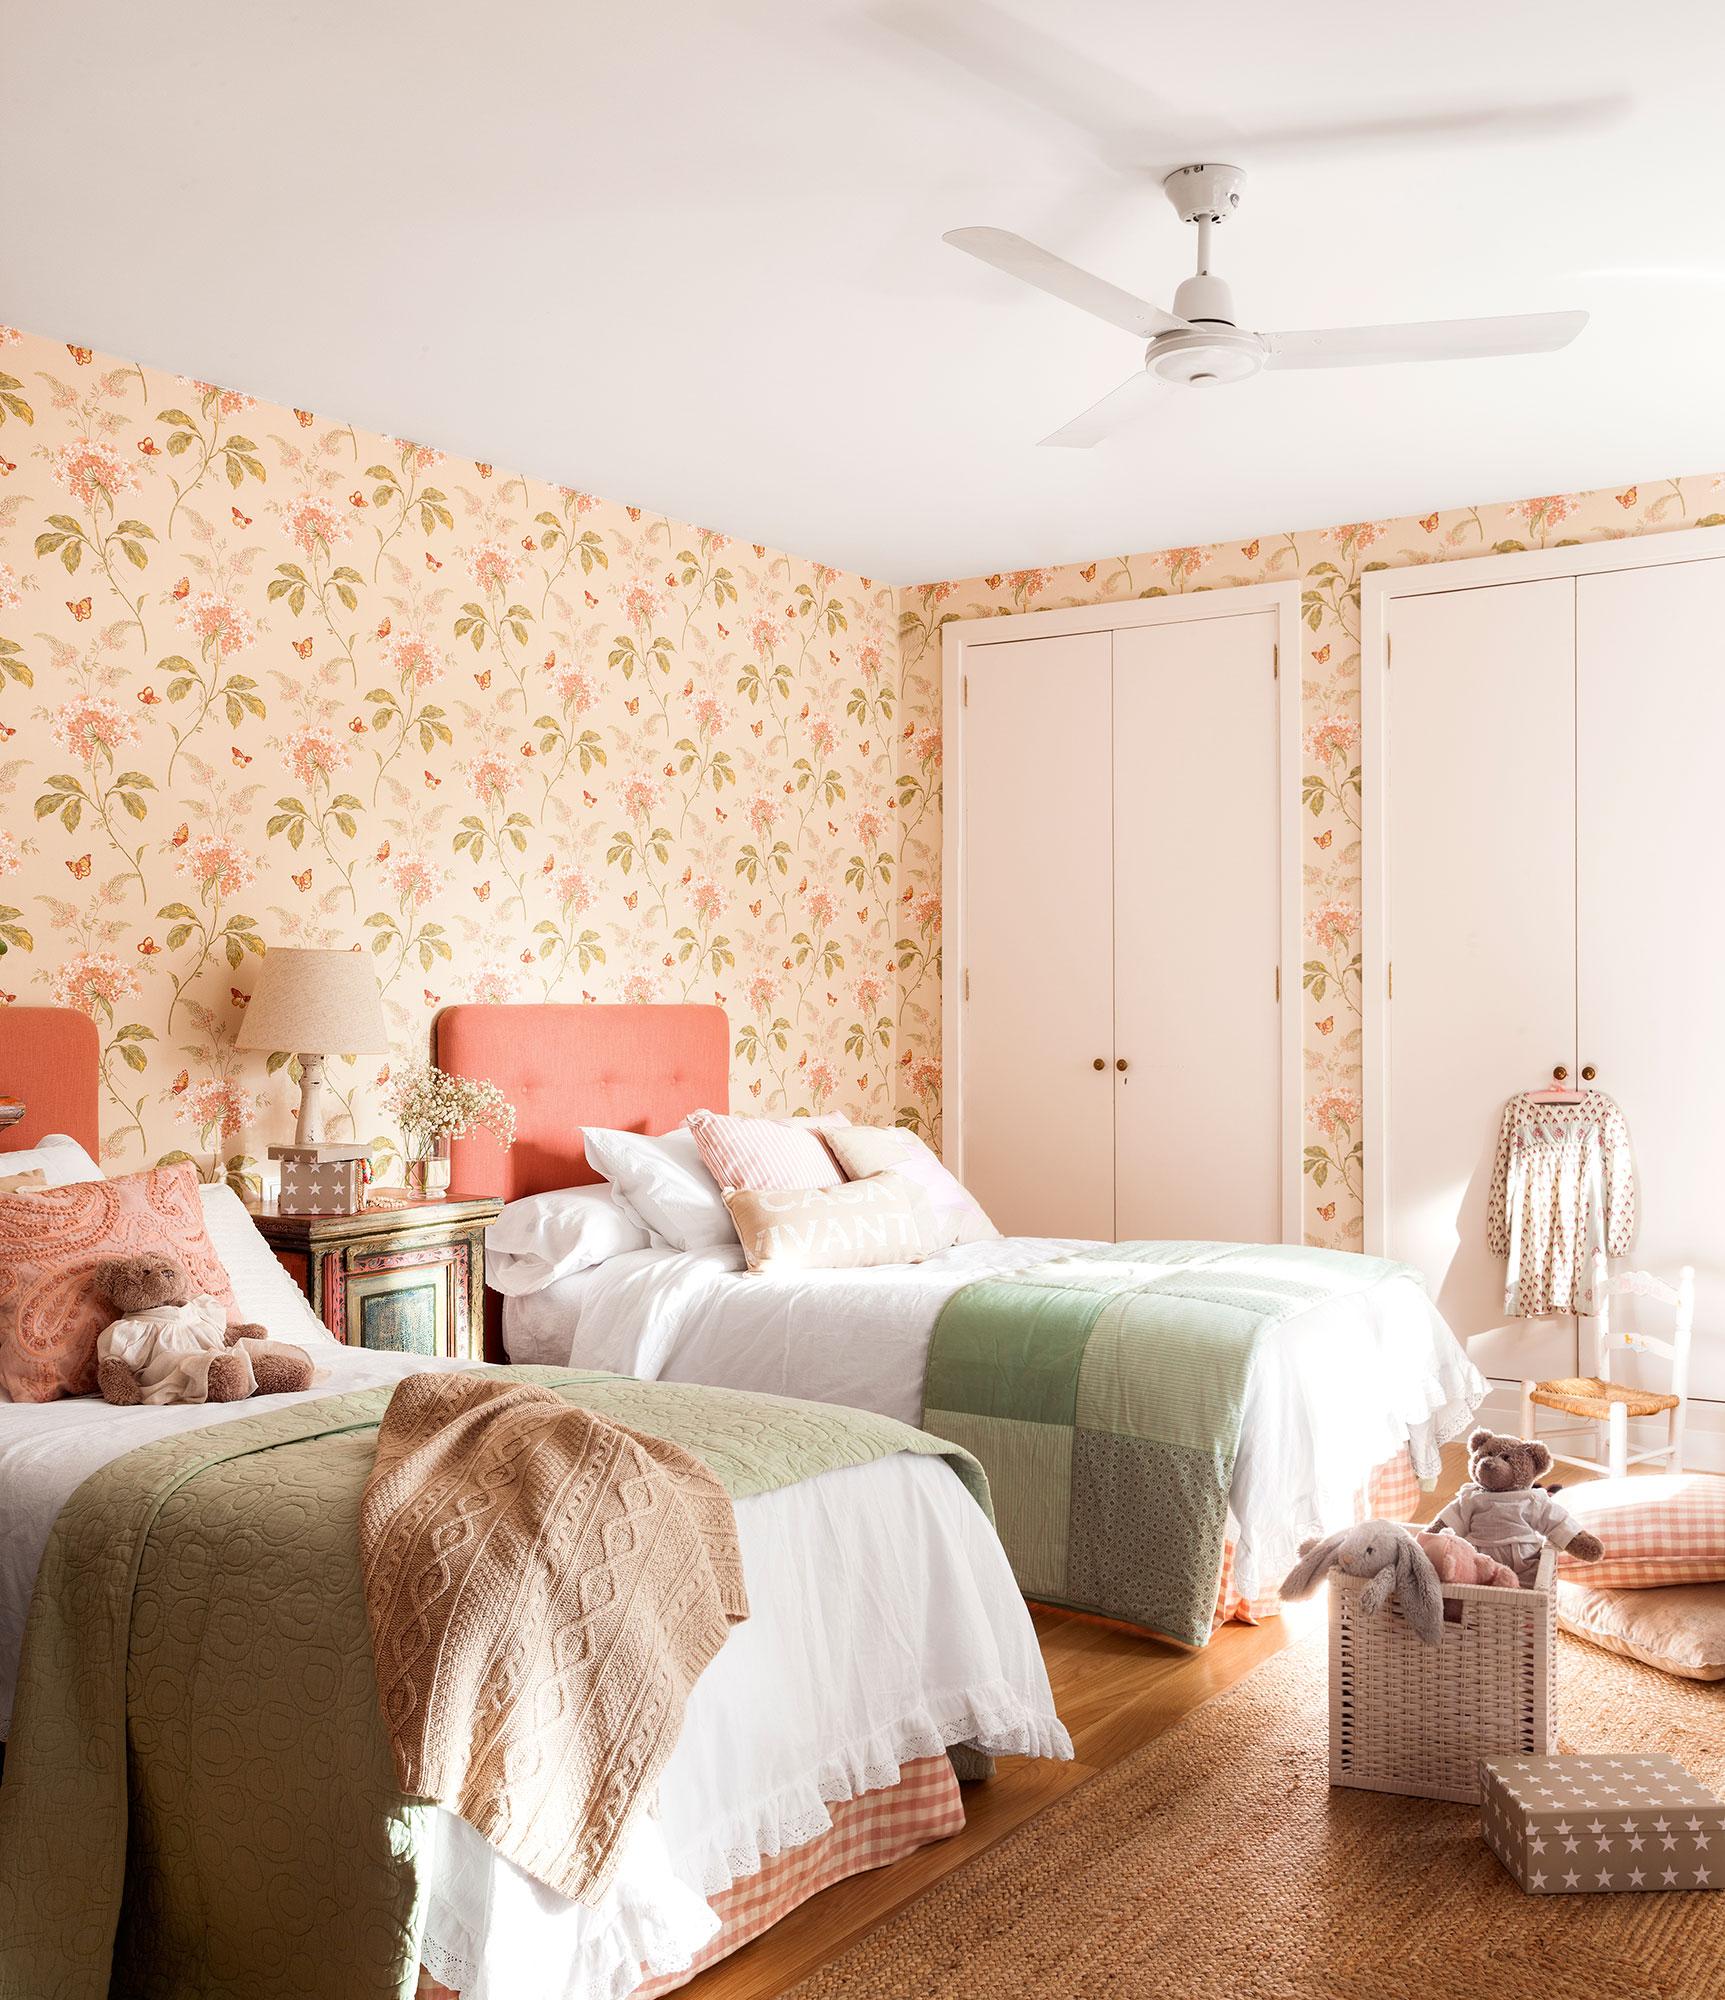 decora la habitaci n infantil con papel pintado